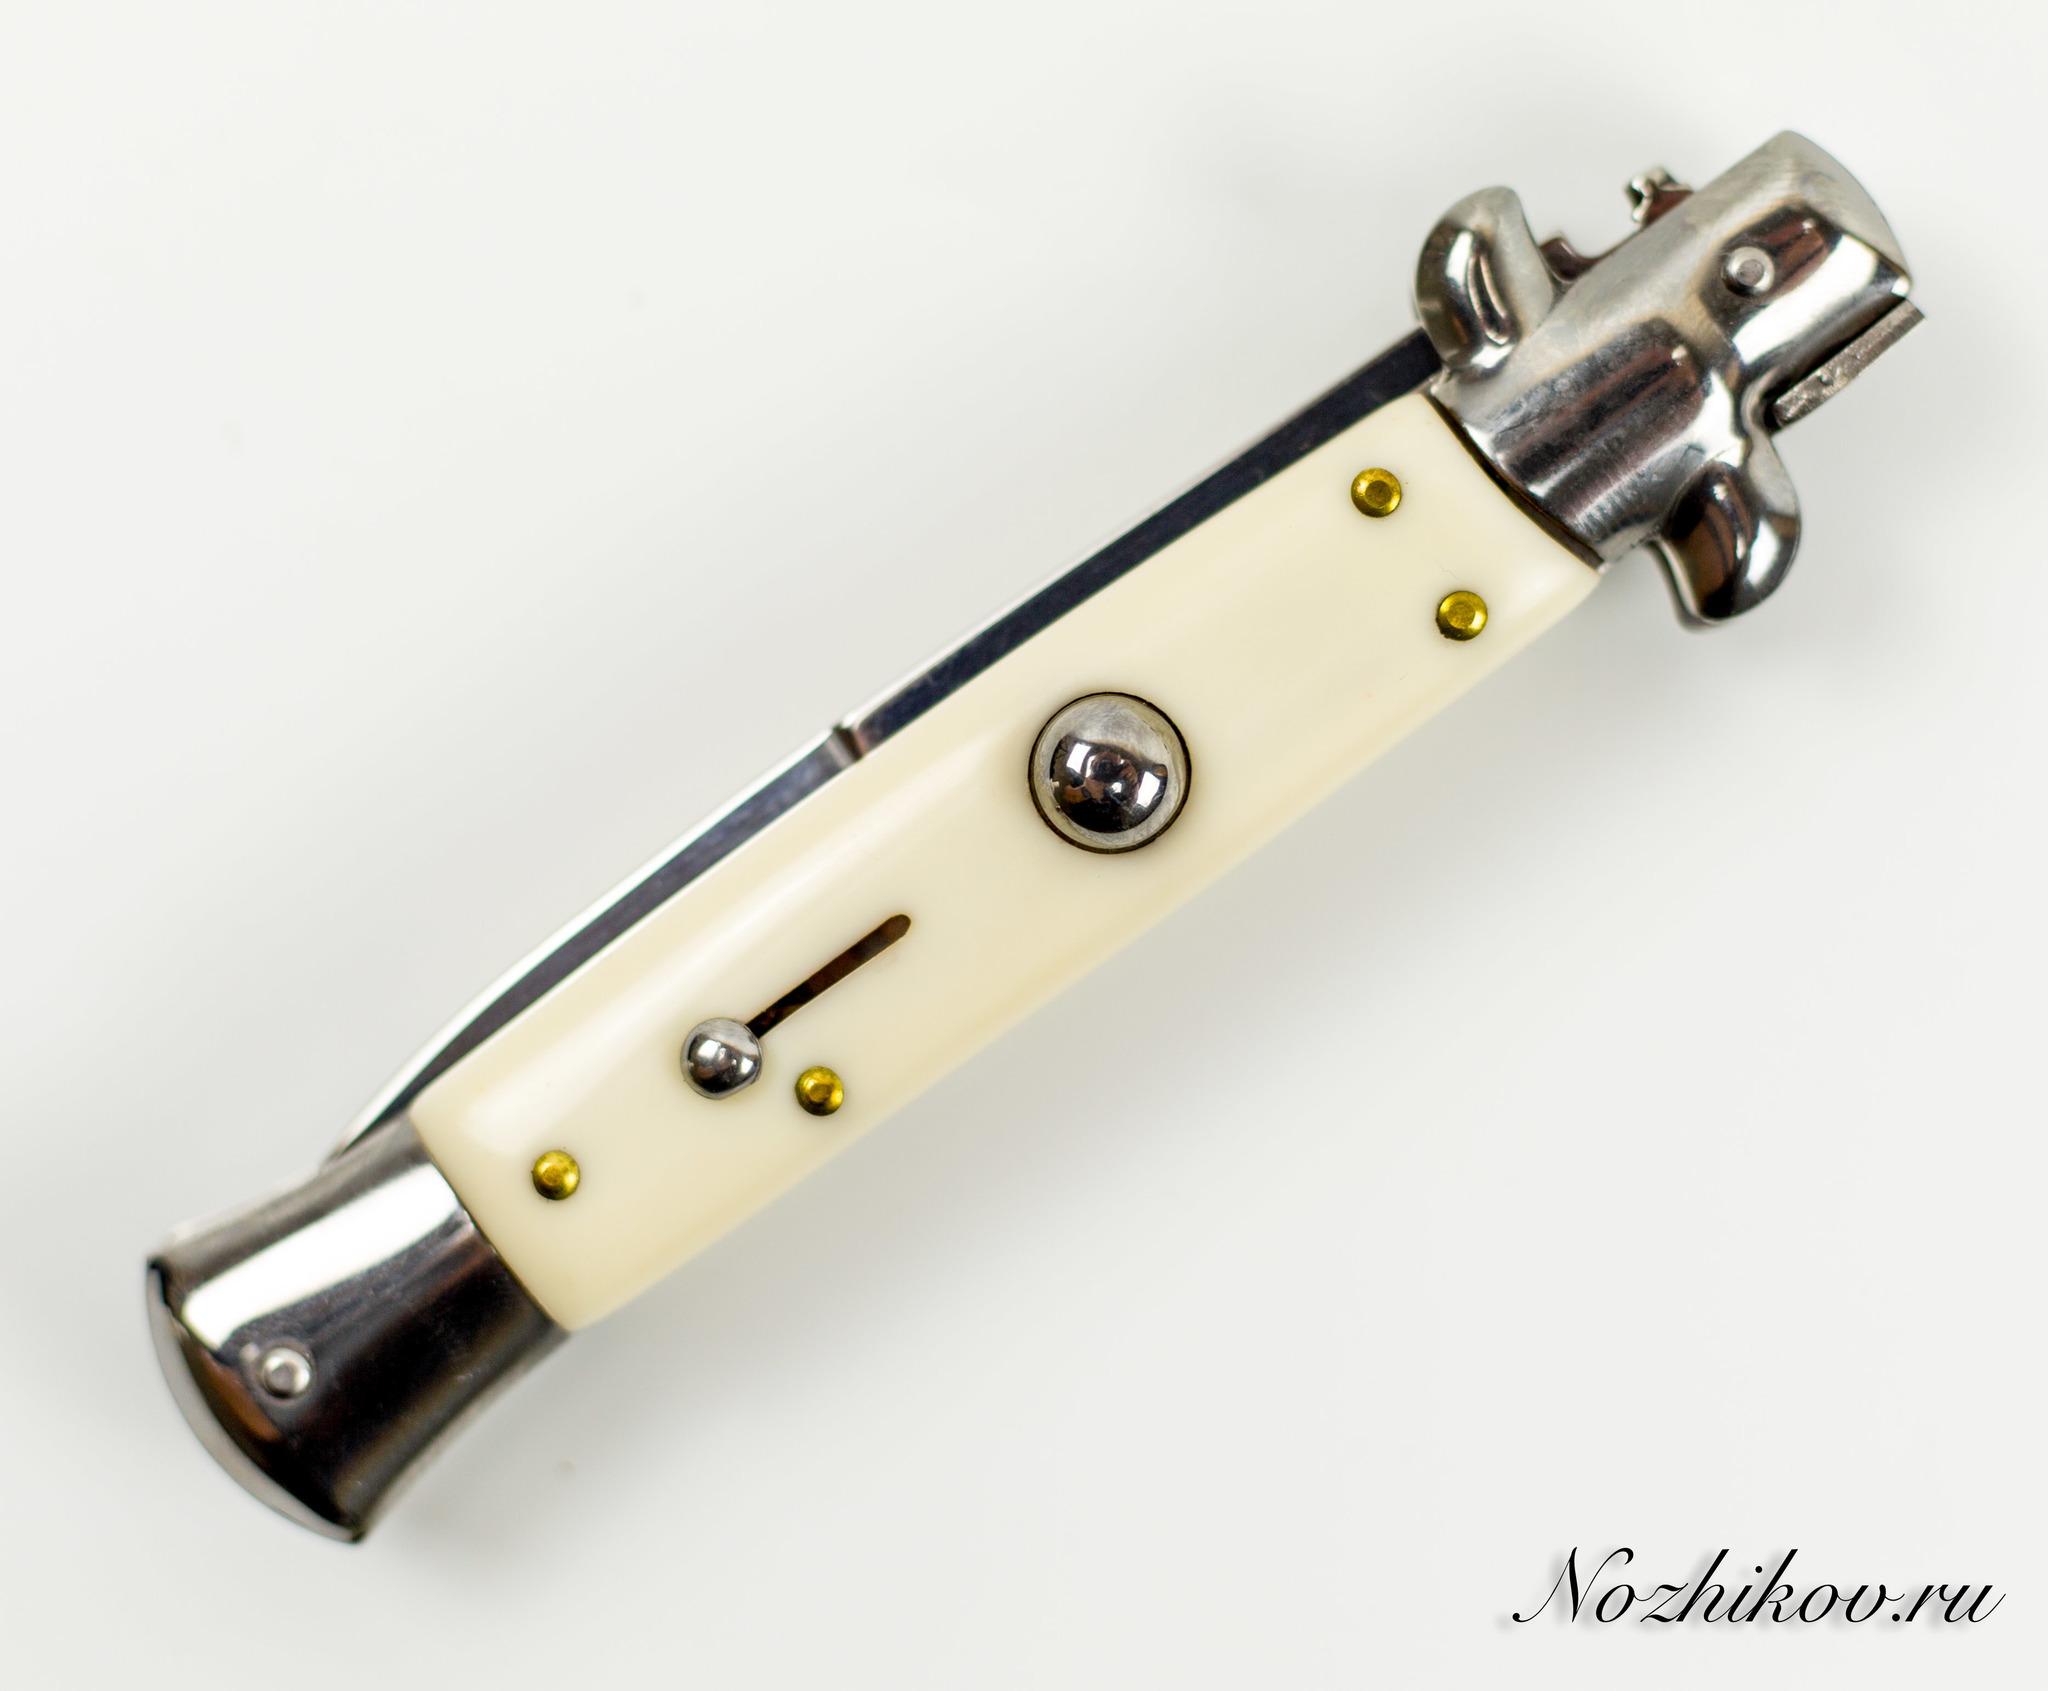 Фото 4 - Выкидной нож Корсиканец 2, цвет белый от Noname